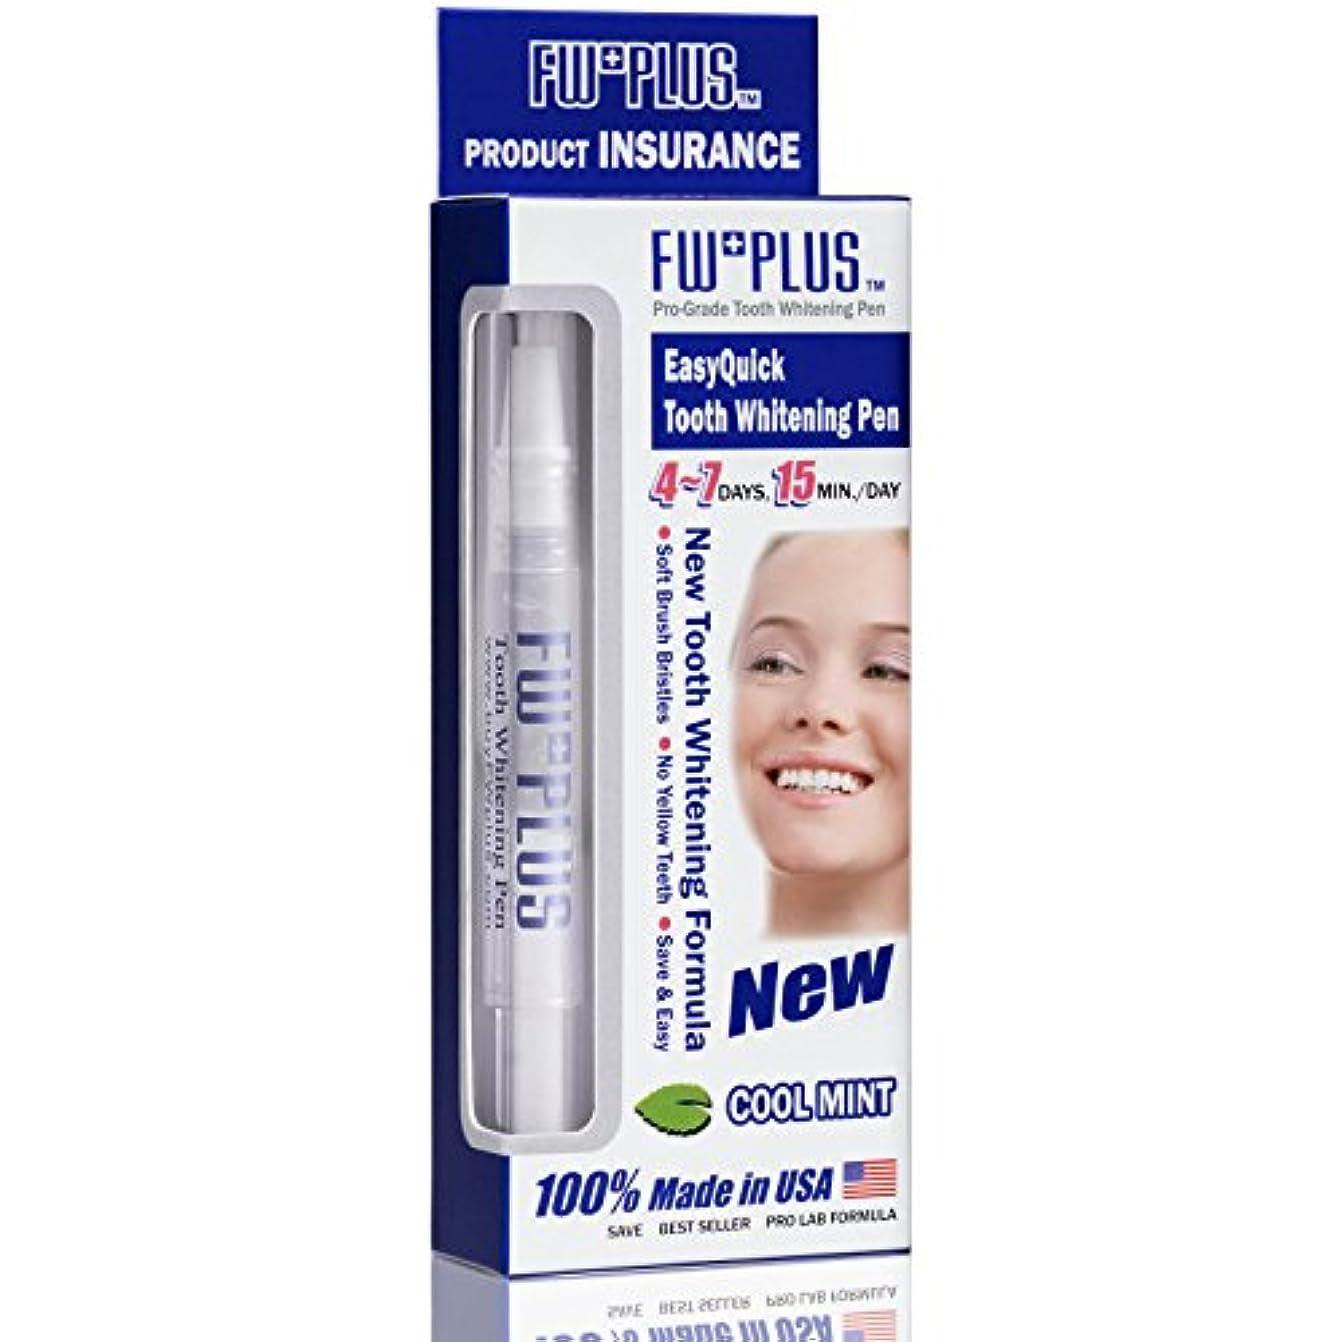 現代のでる割り当てますFW+PLUS菲斯華 歯を白くする 簡単即効ホーム歯ホワイトニングペン 歯ホワイトニング 人気 歯ホワイトニング ジェル